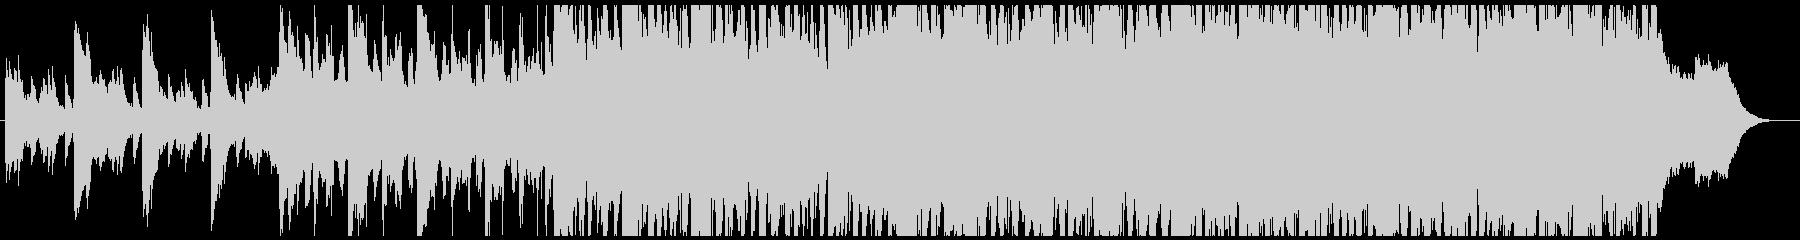 環境にやさしい事業紹介のCM曲-60秒の未再生の波形